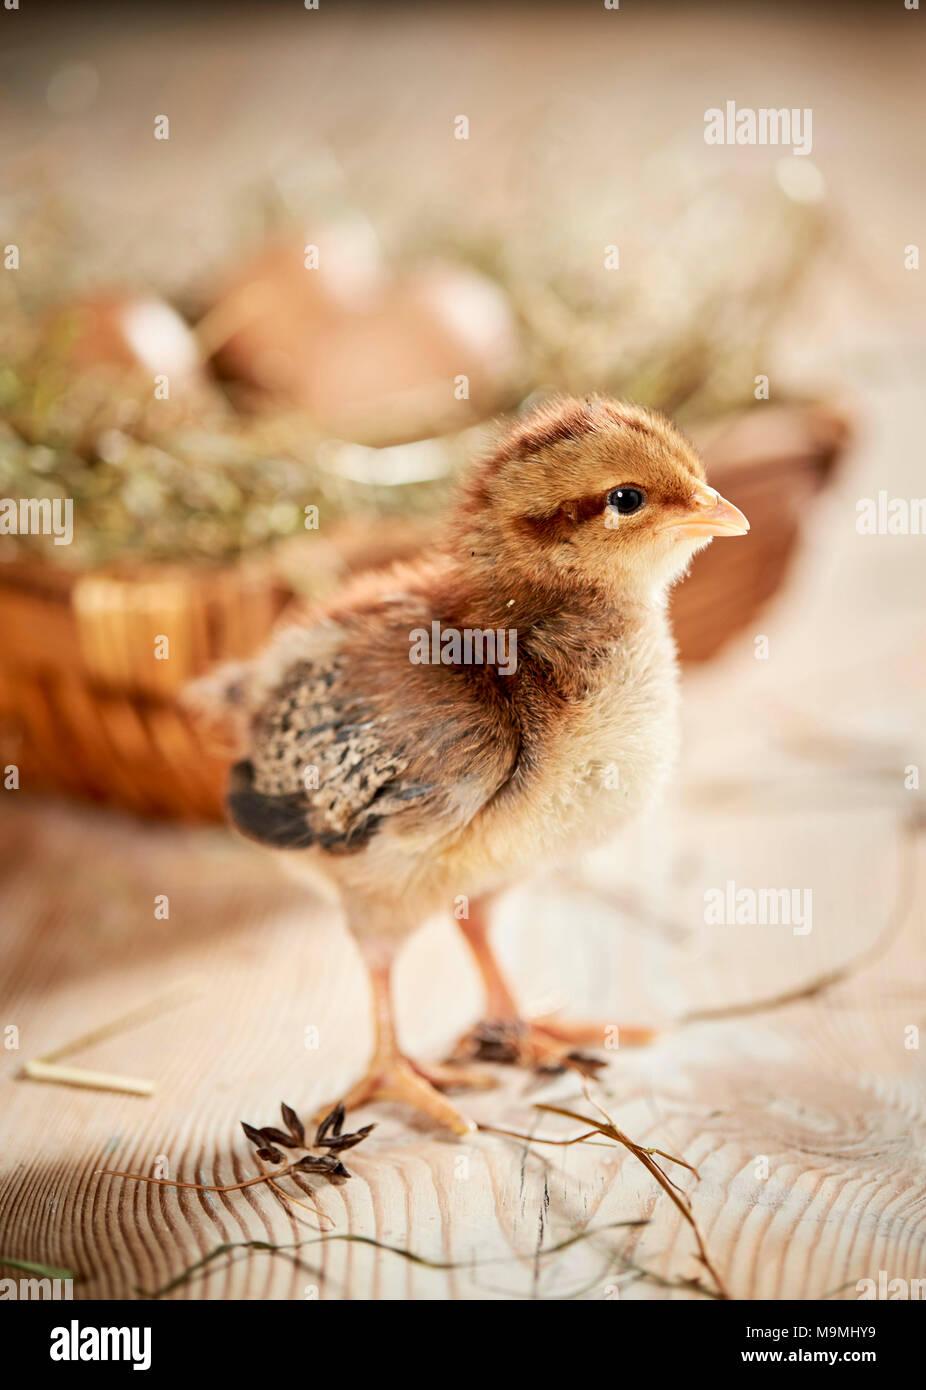 Welsummer pollo. Pollo en madera, de pie delante del nido con huevos. Alemania Imagen De Stock